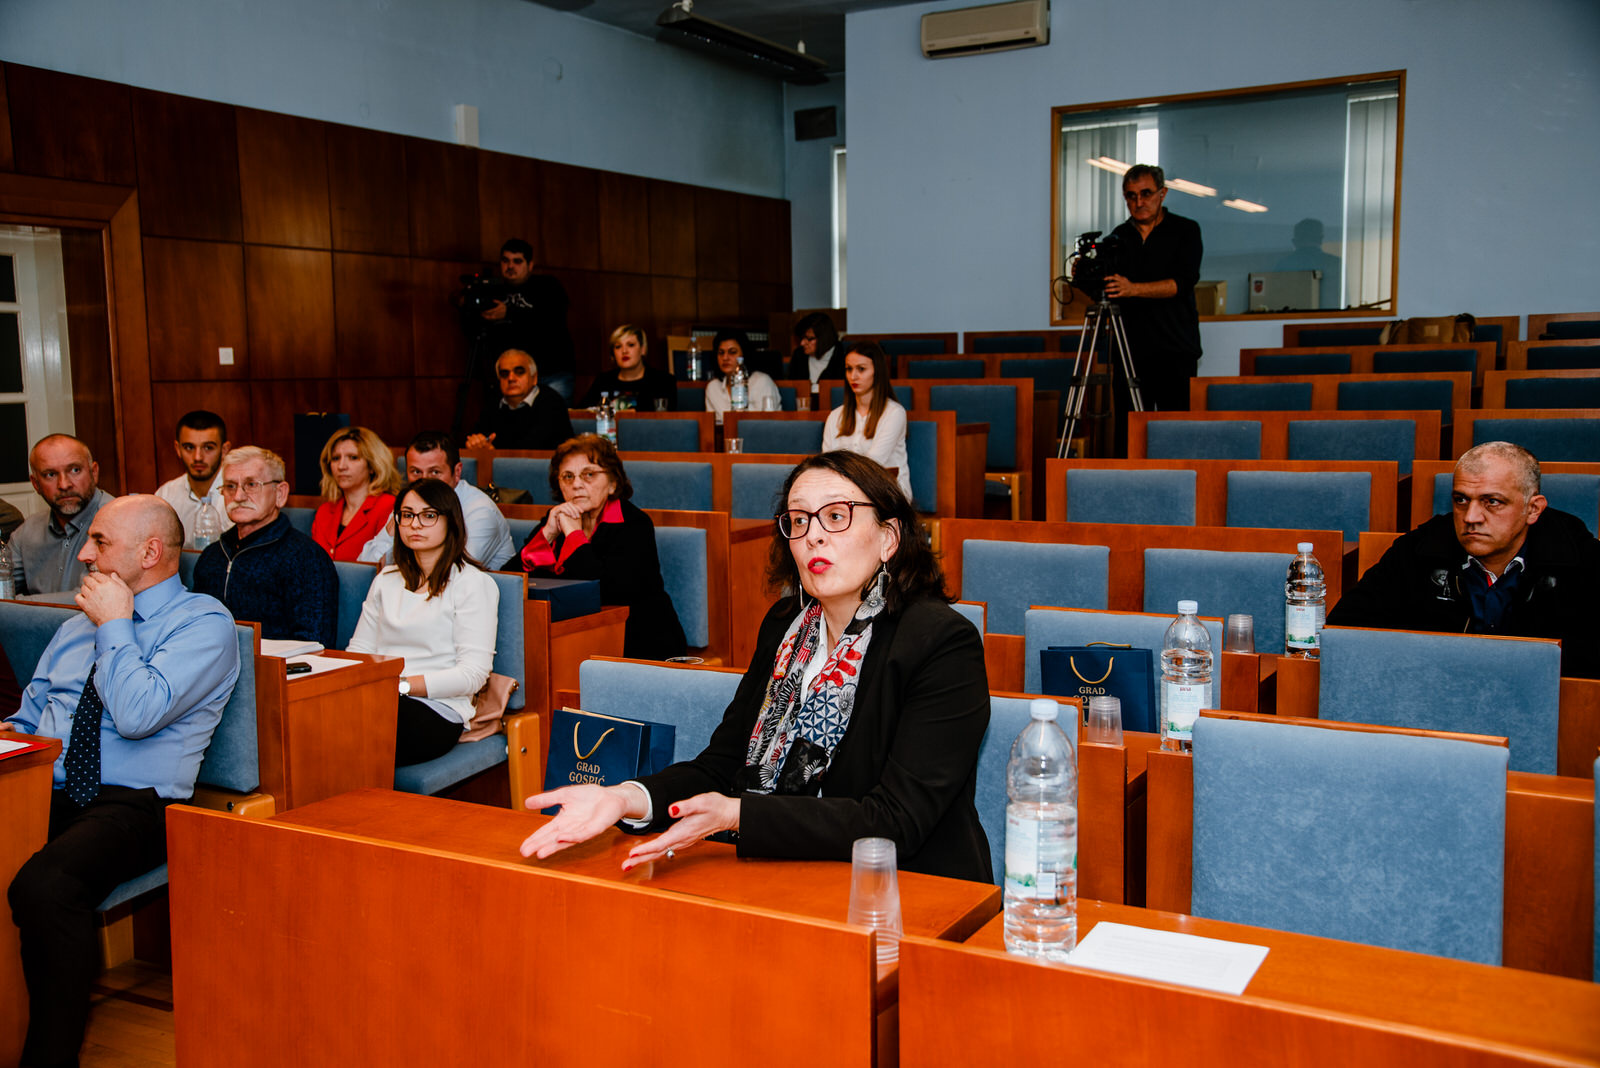 likaclub_27-sjednica-gradskog-vijeća_proračun_2019-15